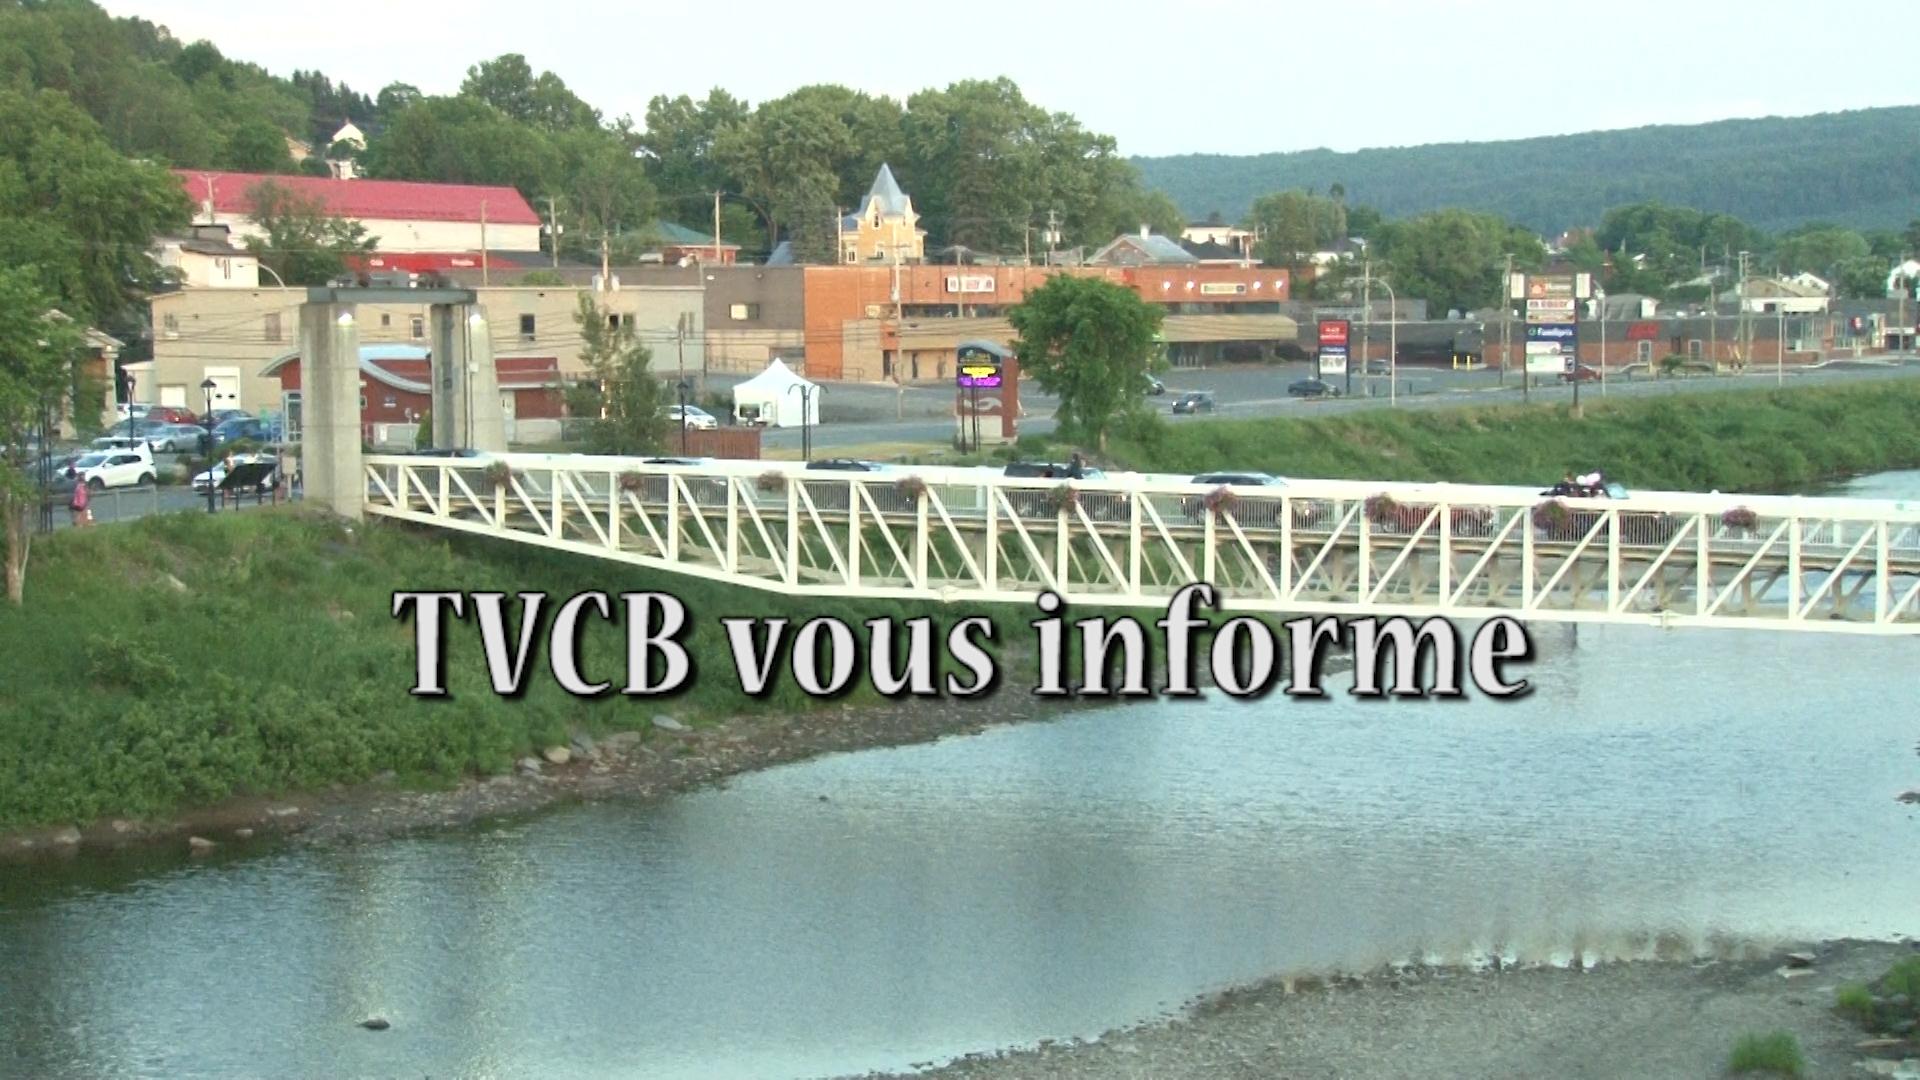 TVCB vous informe du 23 juin 2020